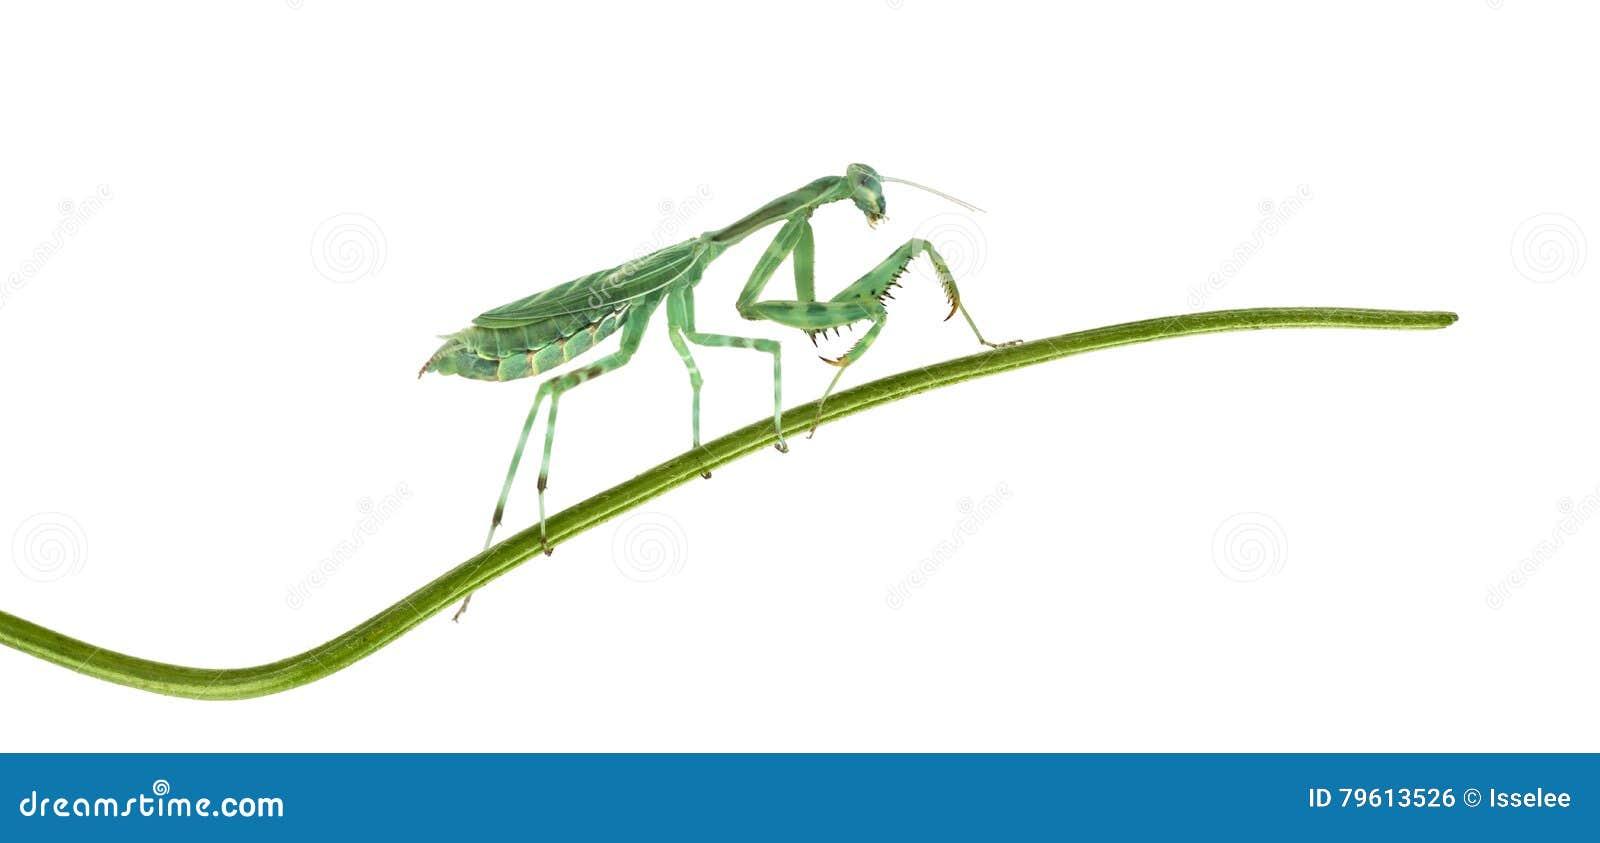 Louva-a-deus - binotata de Miomantis, em uma lâmina de grama